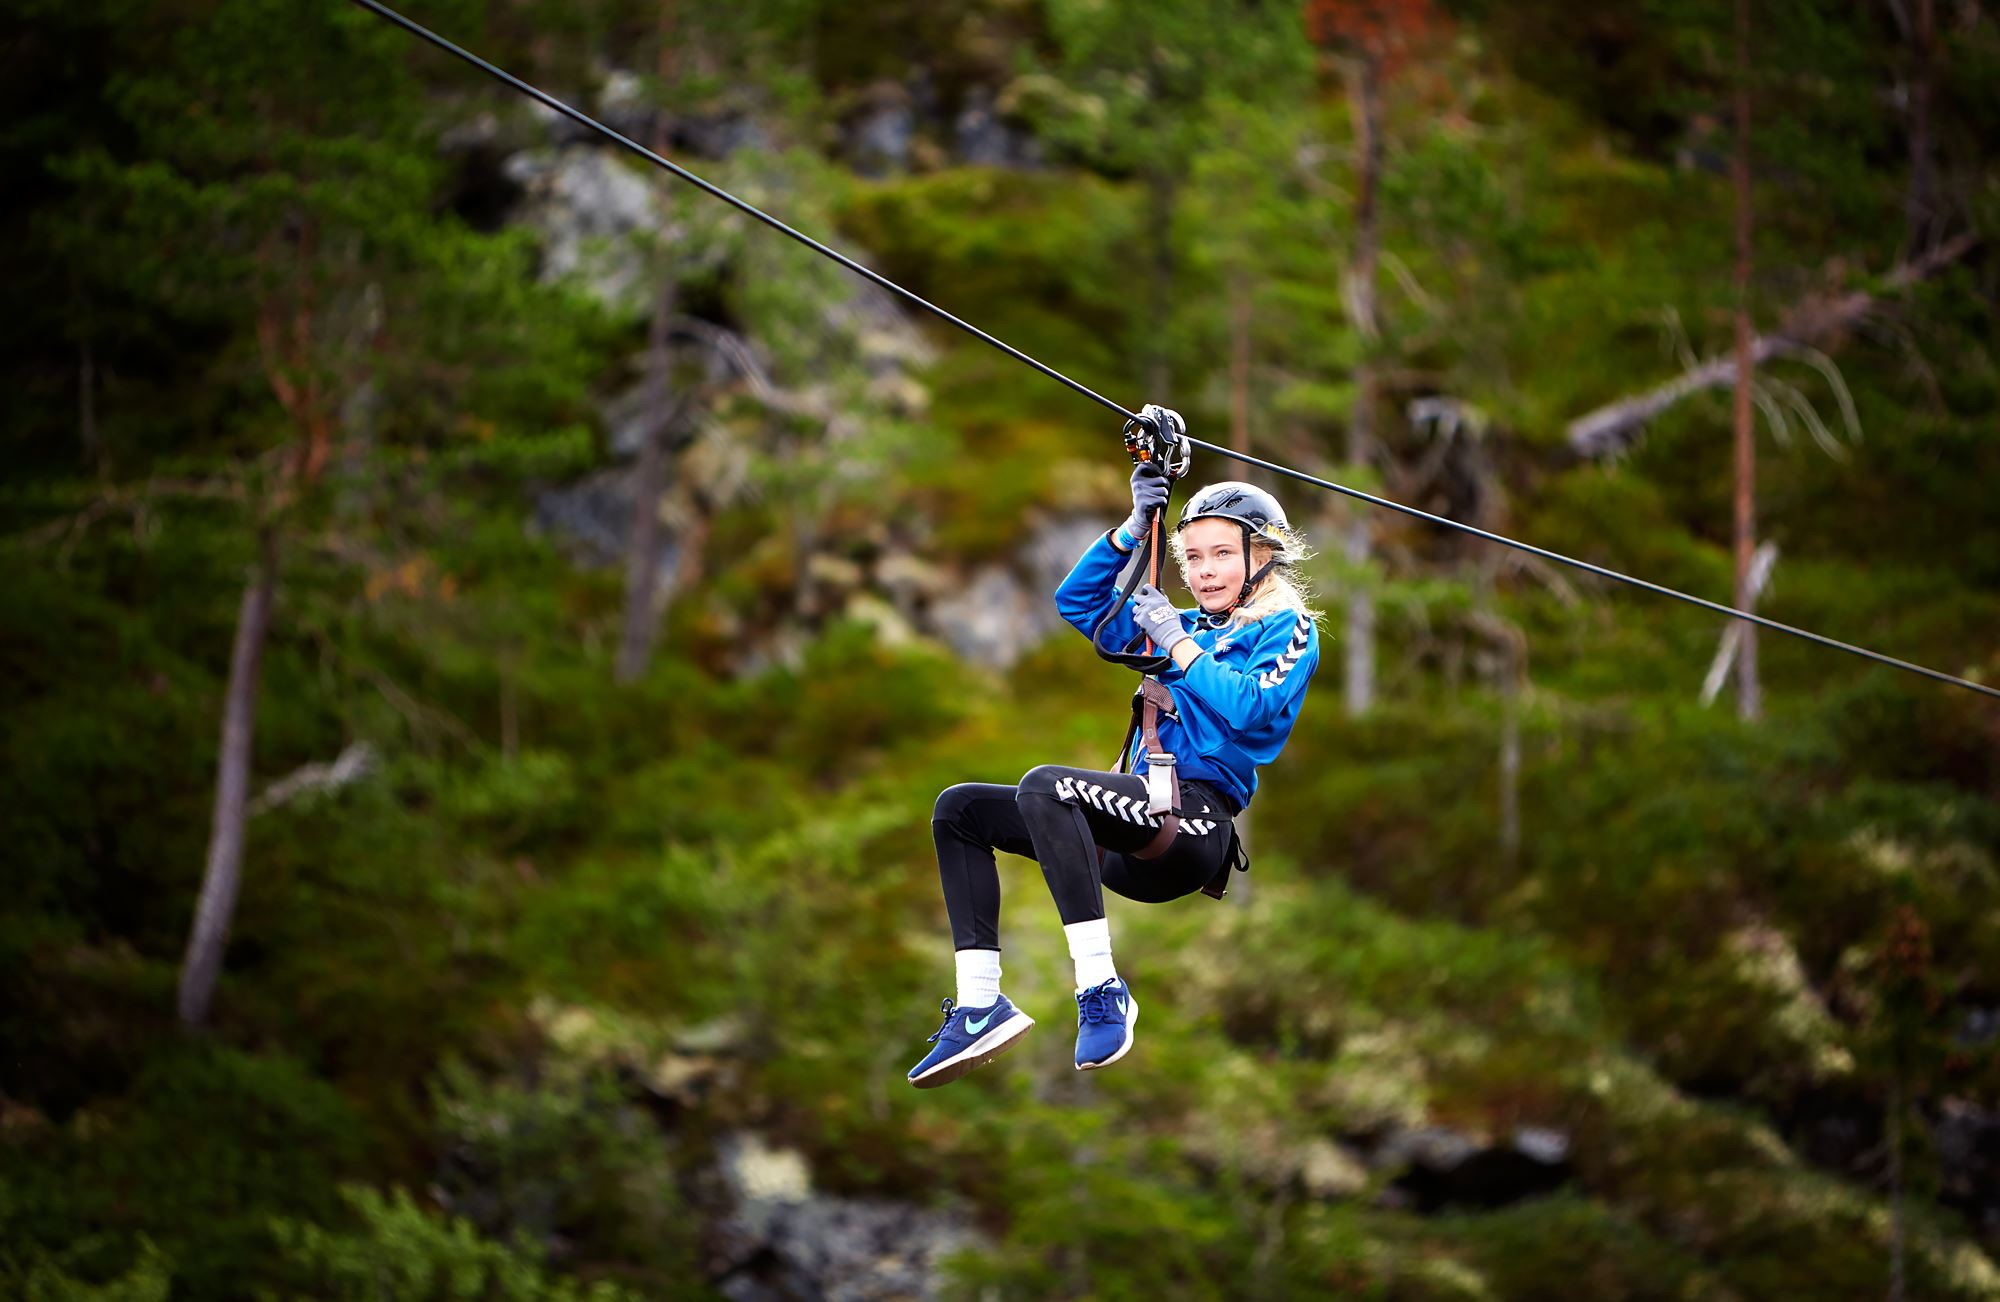 Cato Ravassbakk, Mosjøen Zipline 755 m – Nord-Norge første!